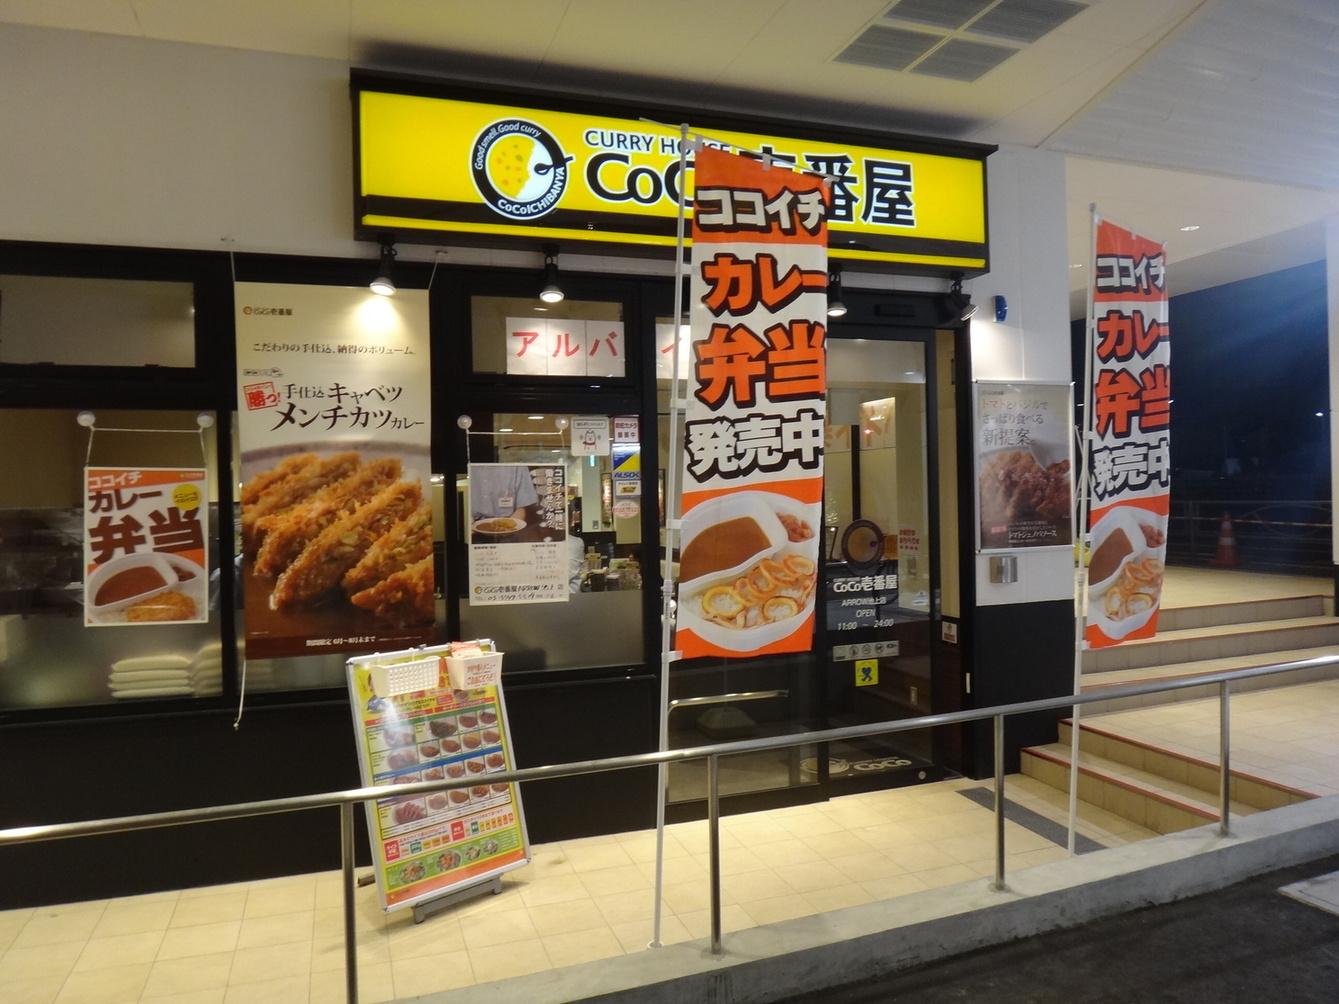 カレーハウス CoCo壱番屋 ARROW池上店